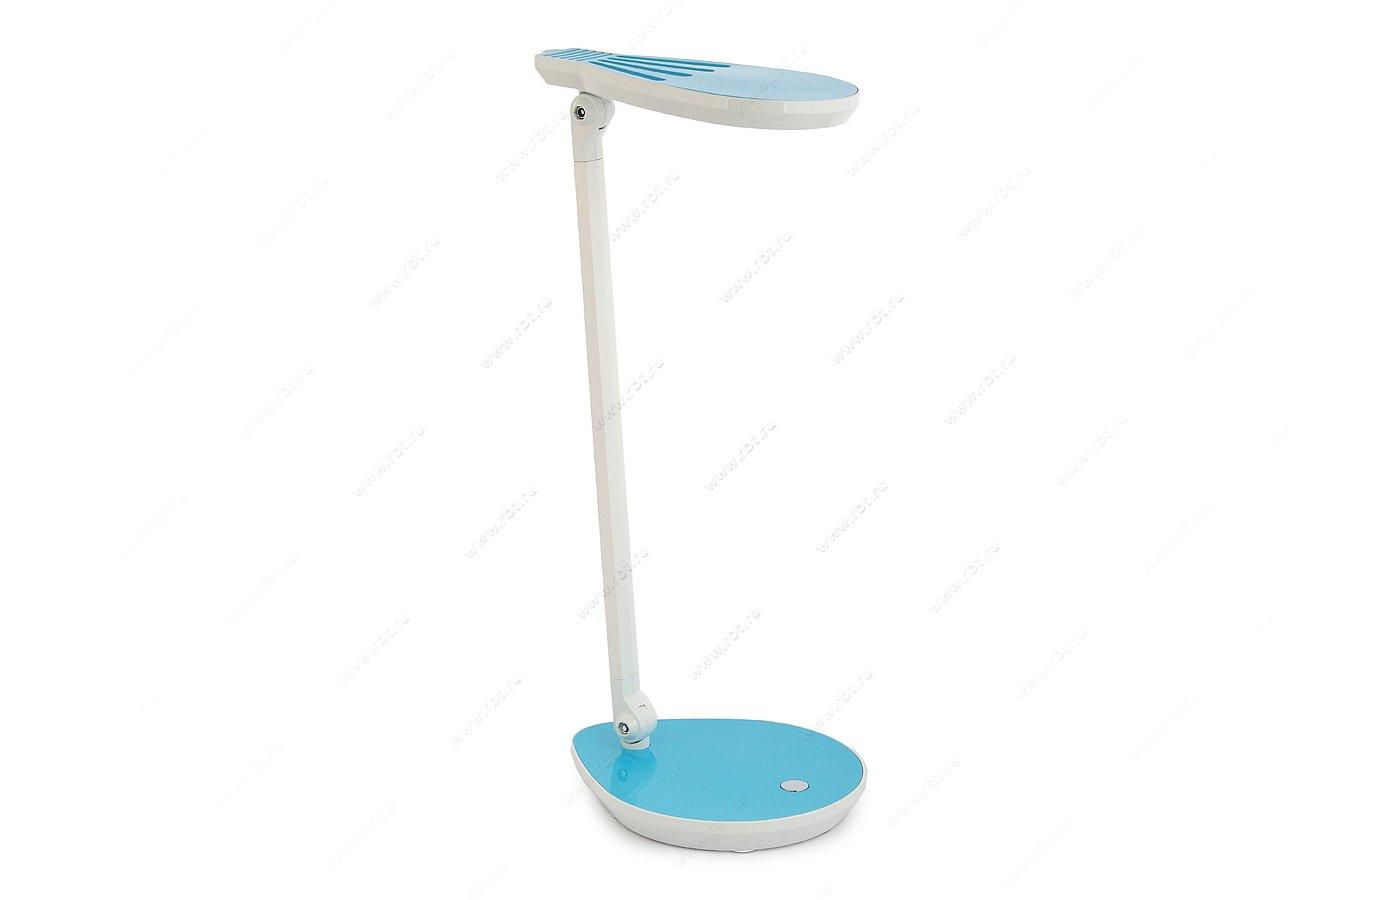 Светильник настольный Camelion KD-786 C13 голубой LED (Свет-к настольный 5 Вт 4000К 230В)